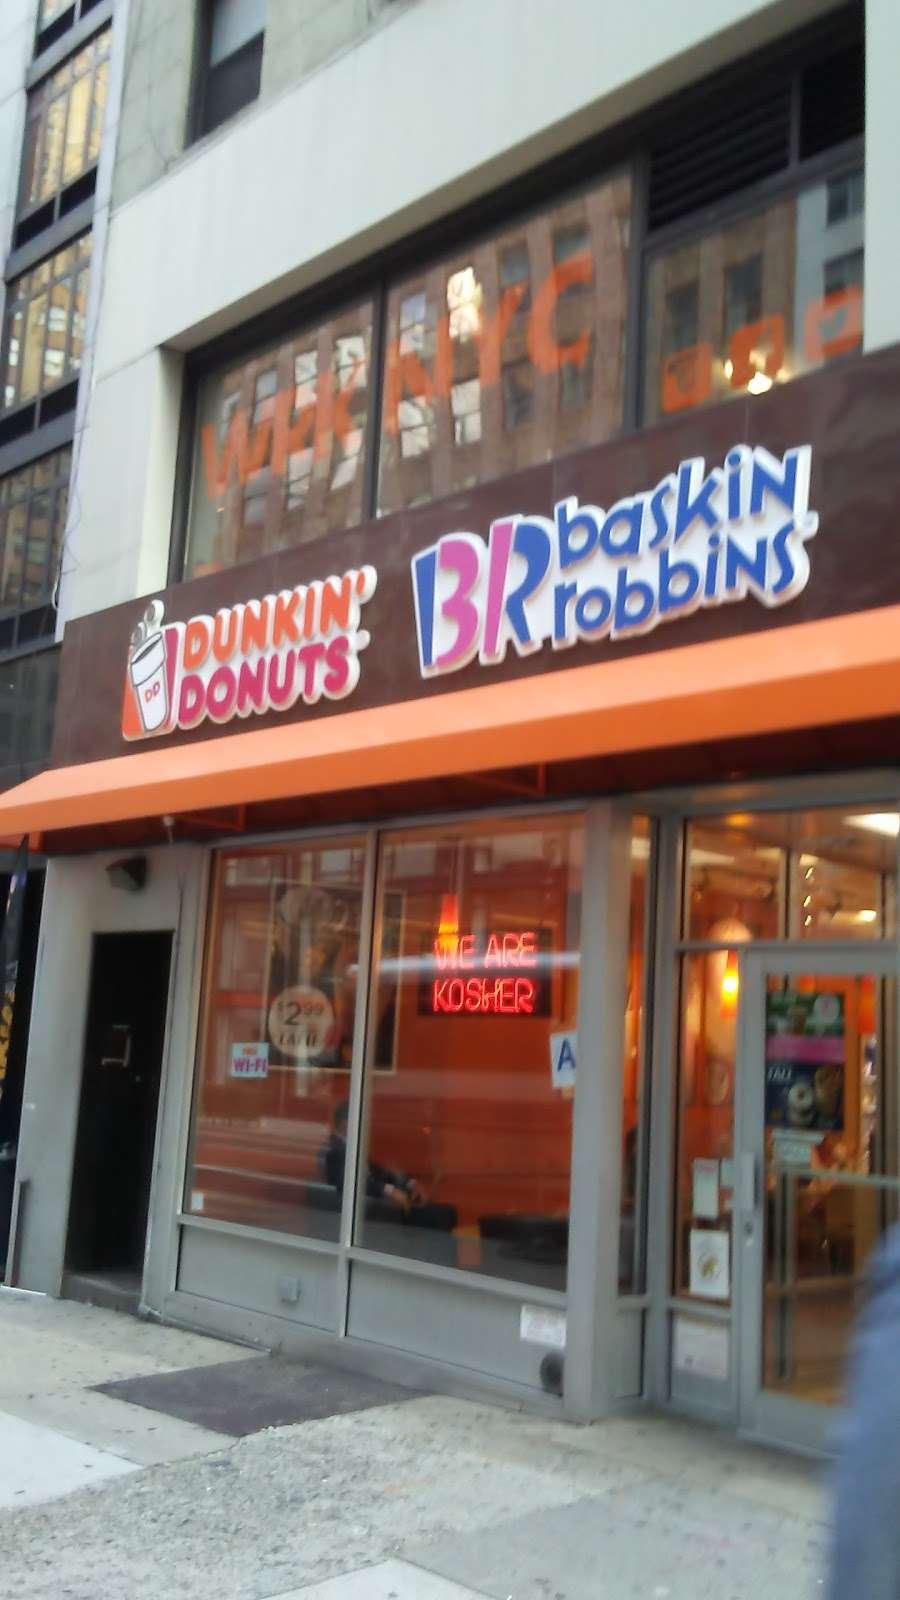 Dunkin Donuts - cafe  | Photo 2 of 10 | Address: 51 E 34th St, New York, NY 10016, USA | Phone: (212) 481-2355